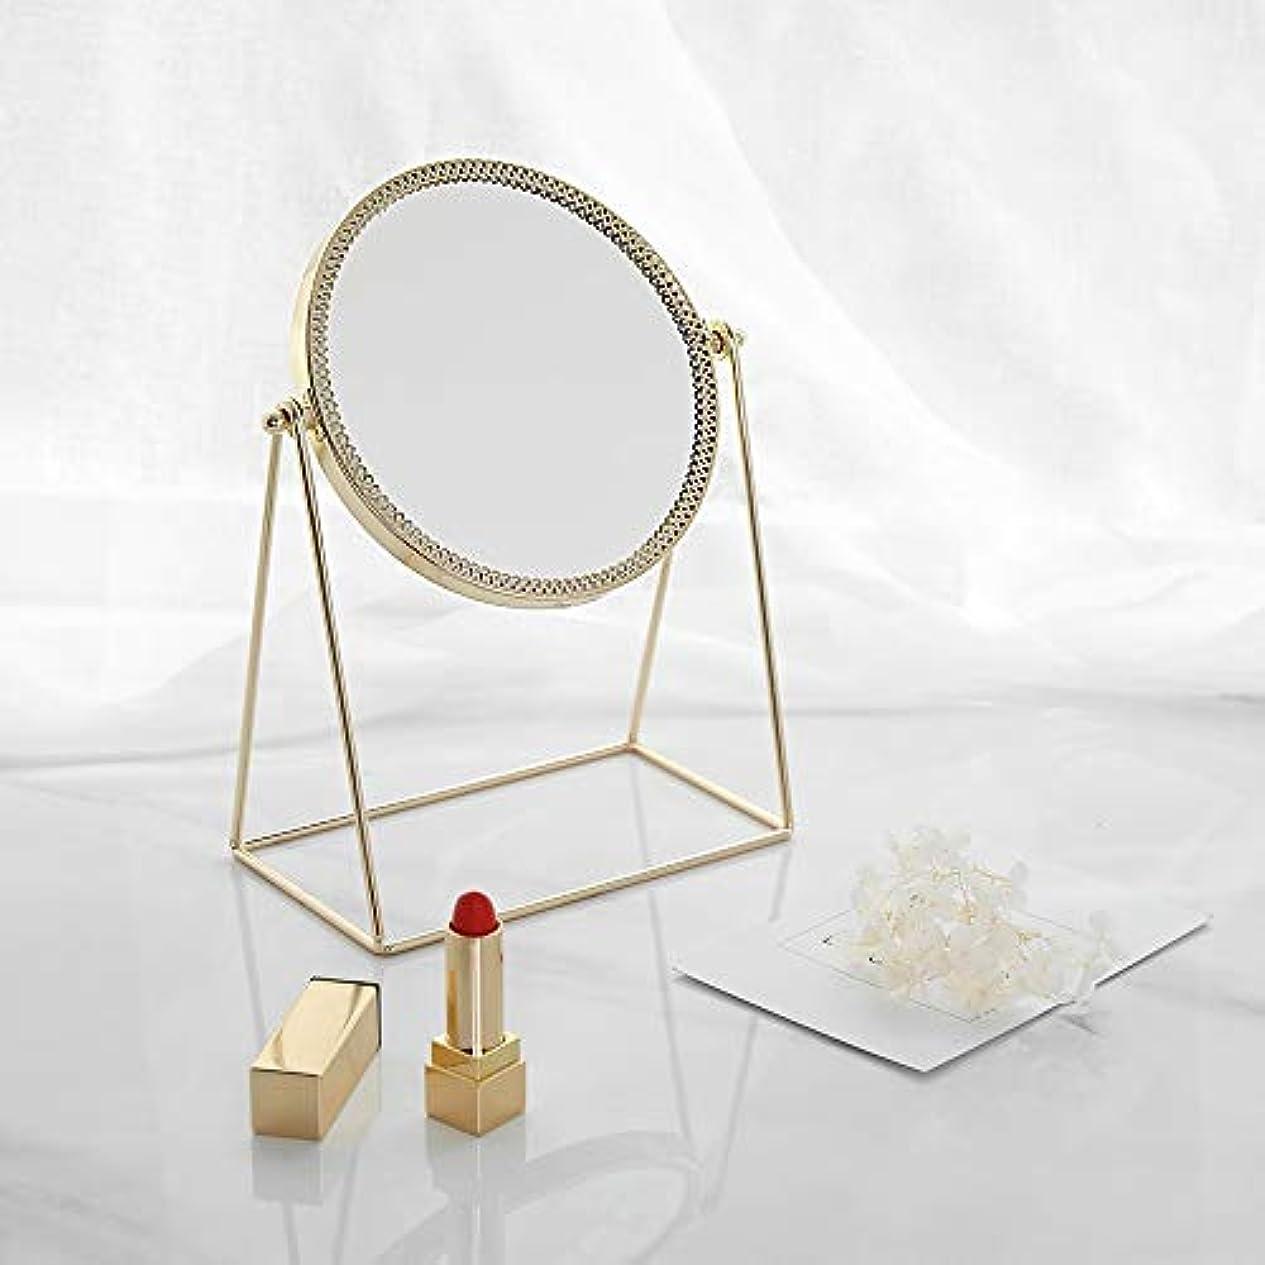 ピック油役に立つ流行の 現代の創造性ゴールドラウンドアイアンフレーム+ミラーデスクトップミラー/化粧鏡